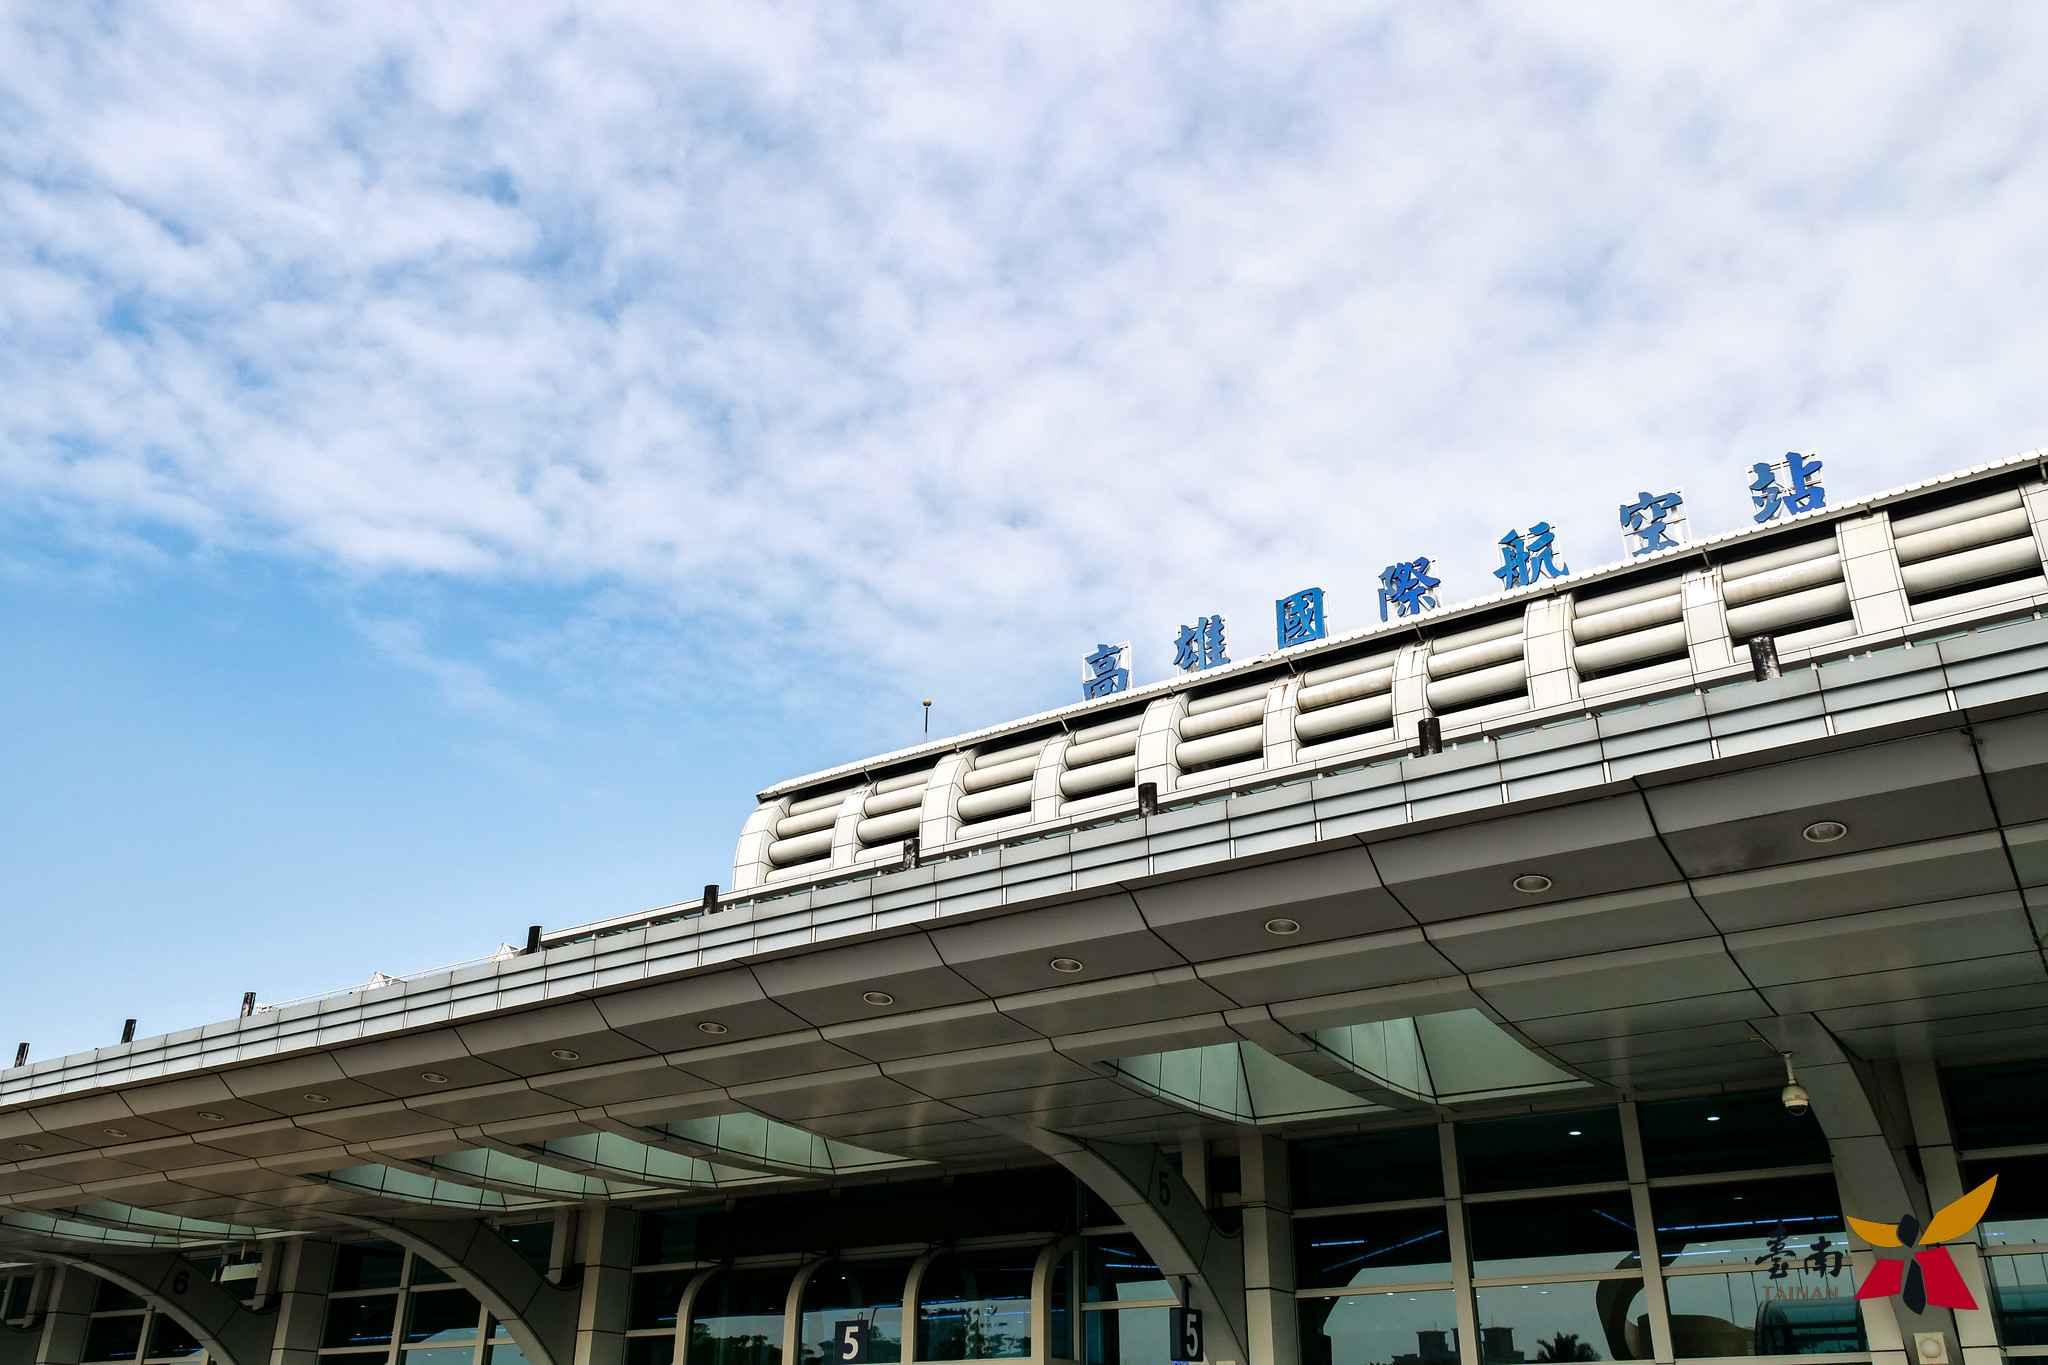 台南小港機場 快線- Mytainan - 13